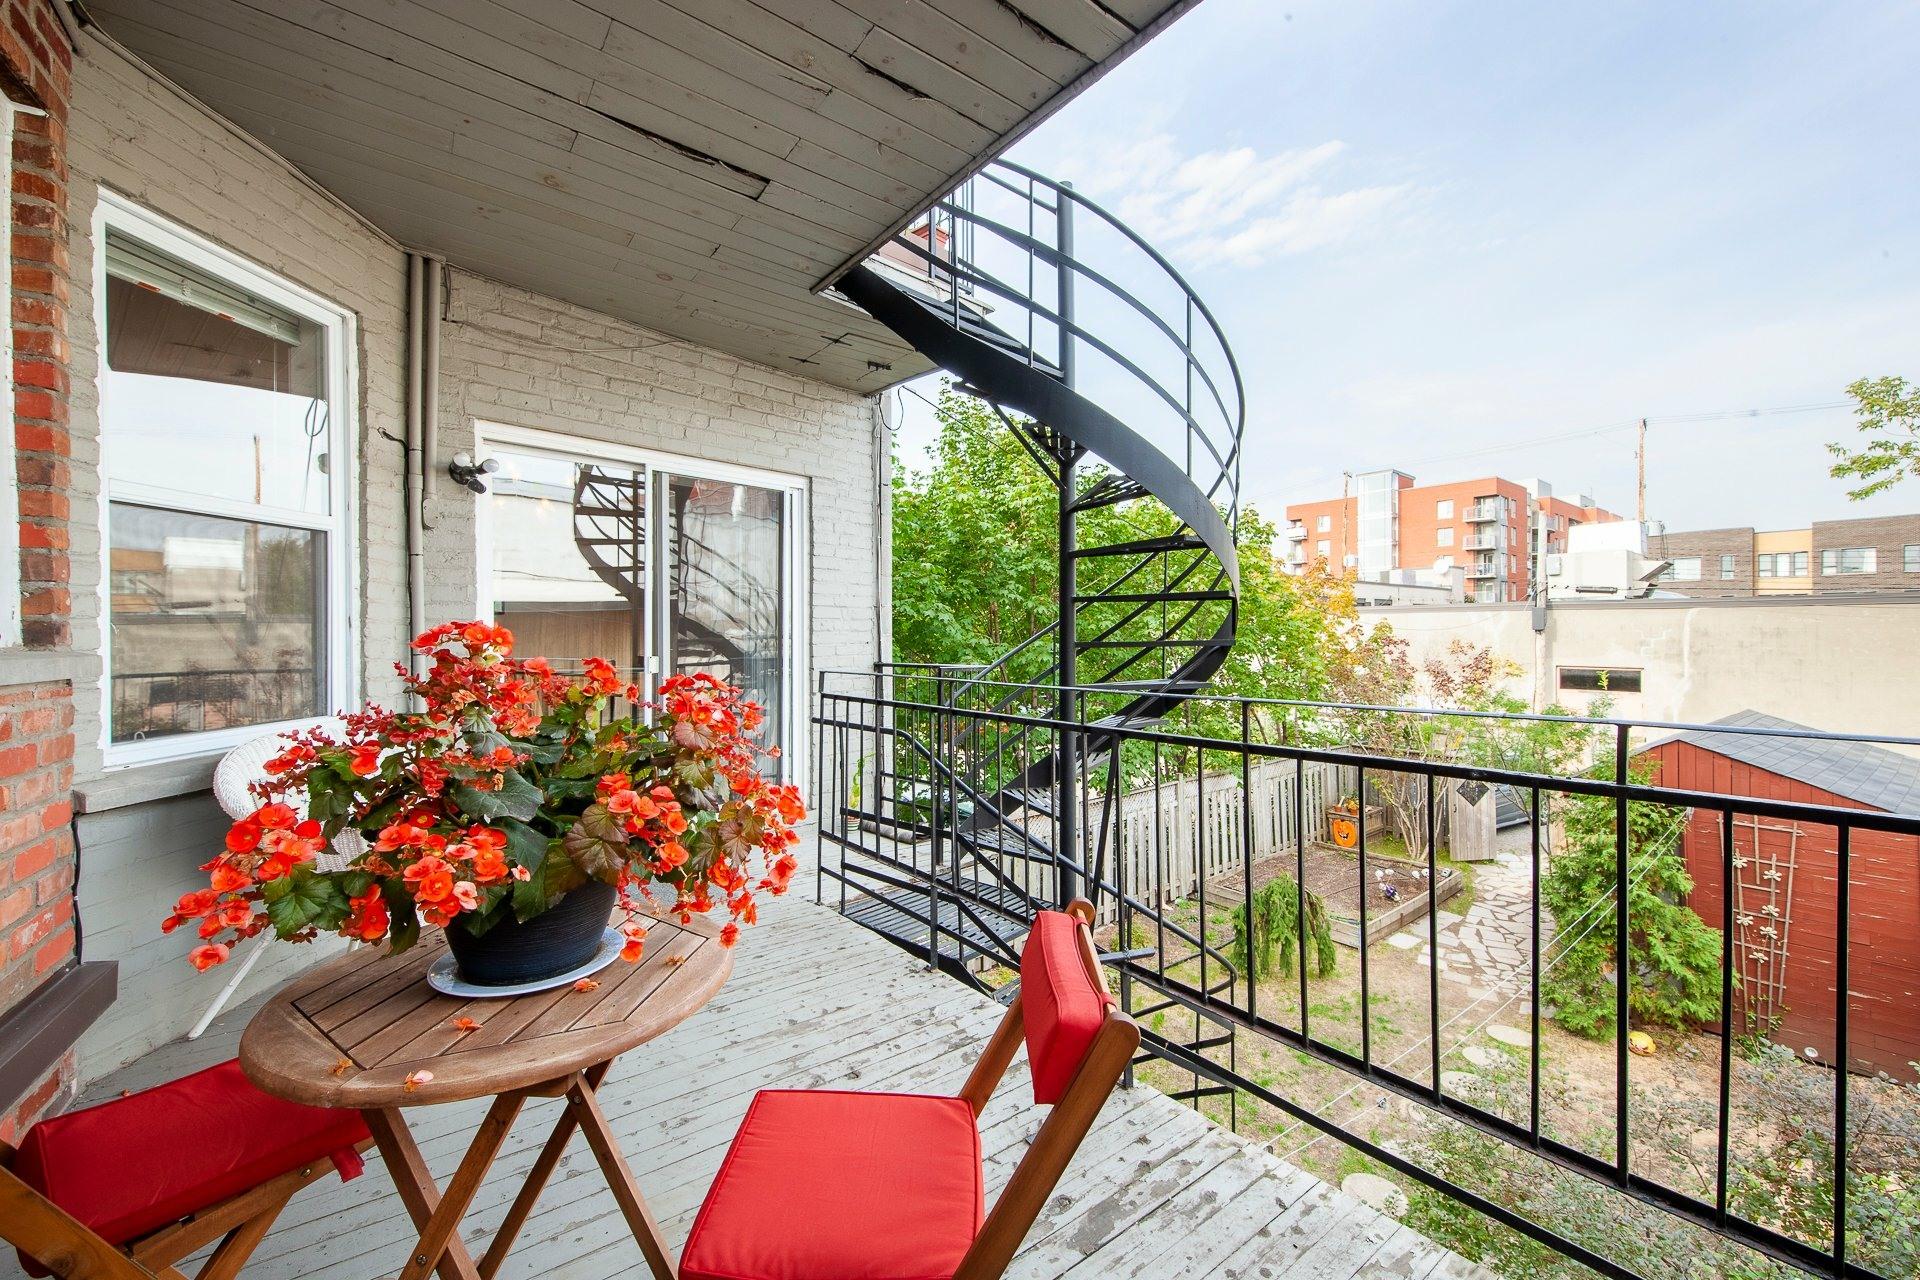 image 11 - Appartement À vendre Rosemont/La Petite-Patrie Montréal  - 7 pièces